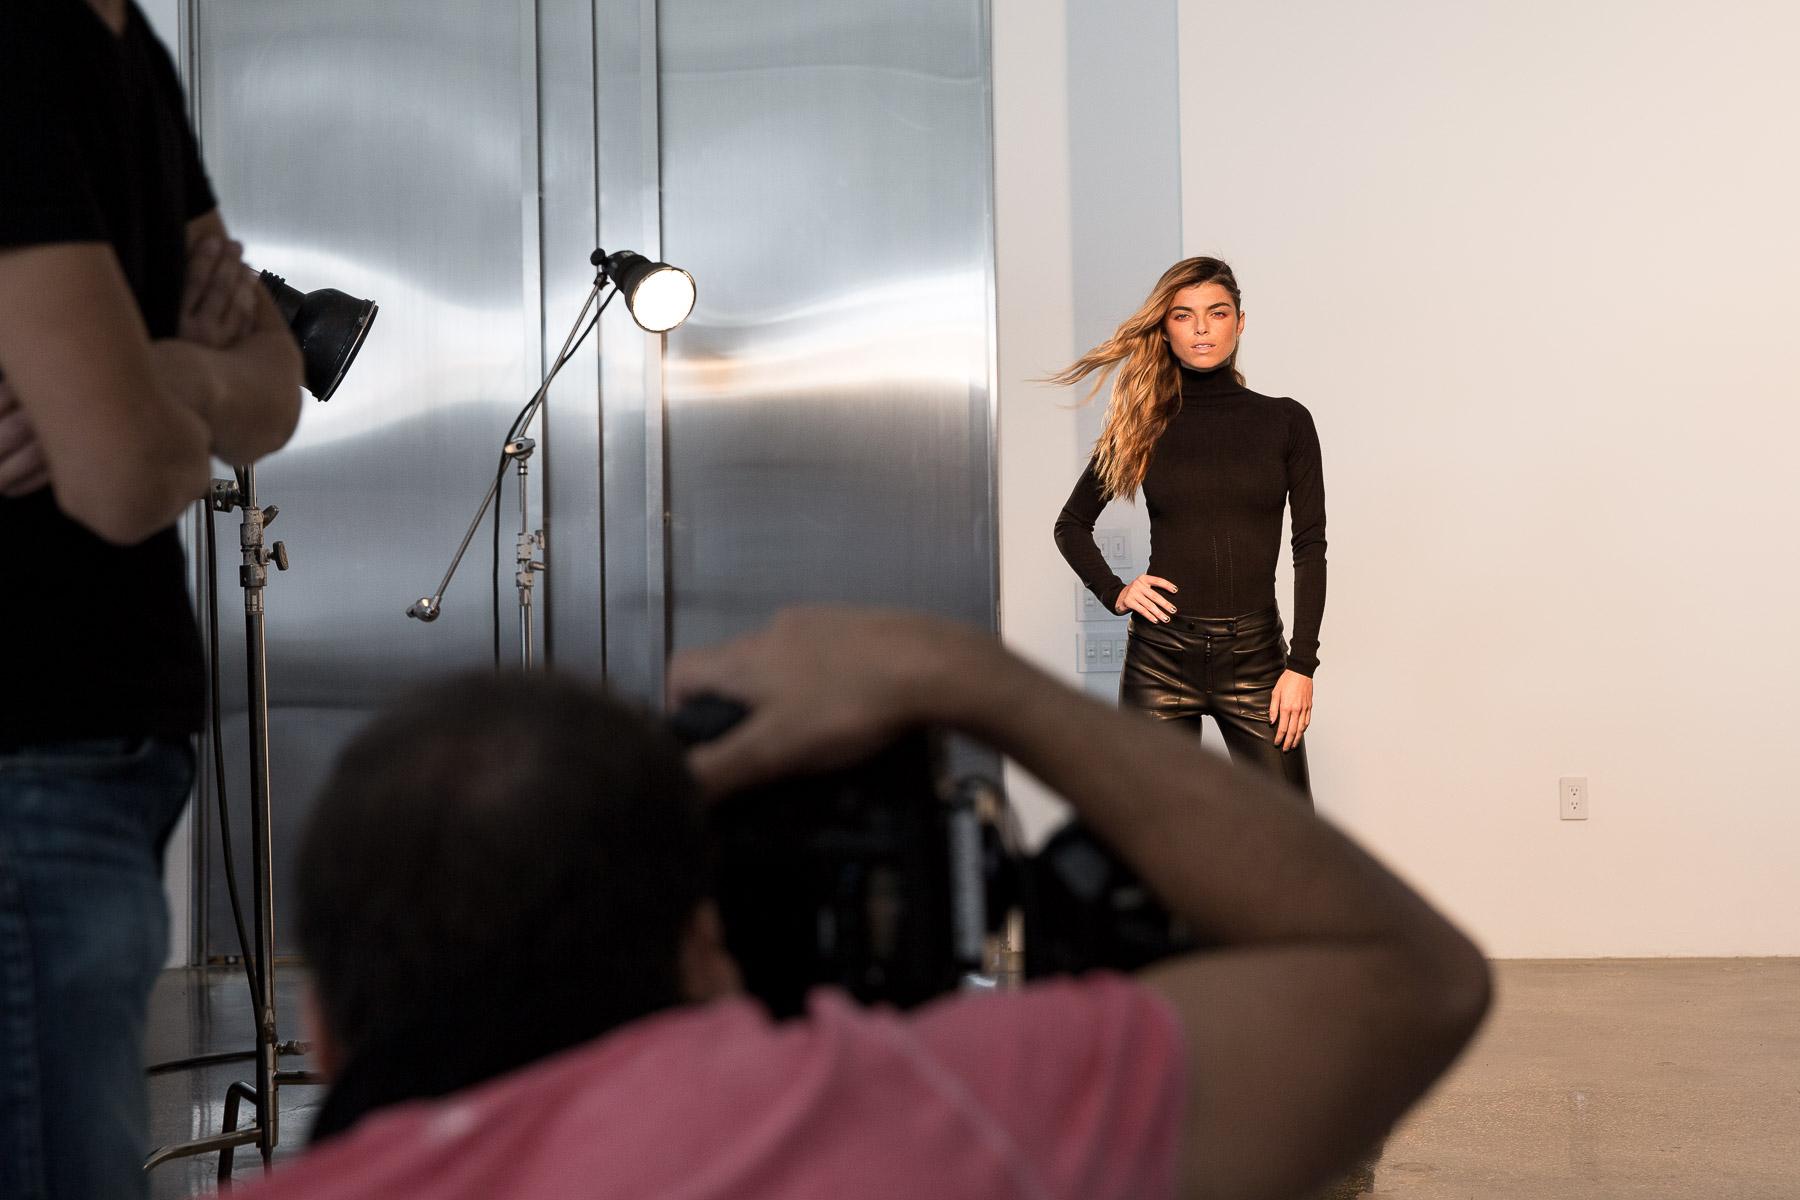 model-posing-for-photographer.jpg